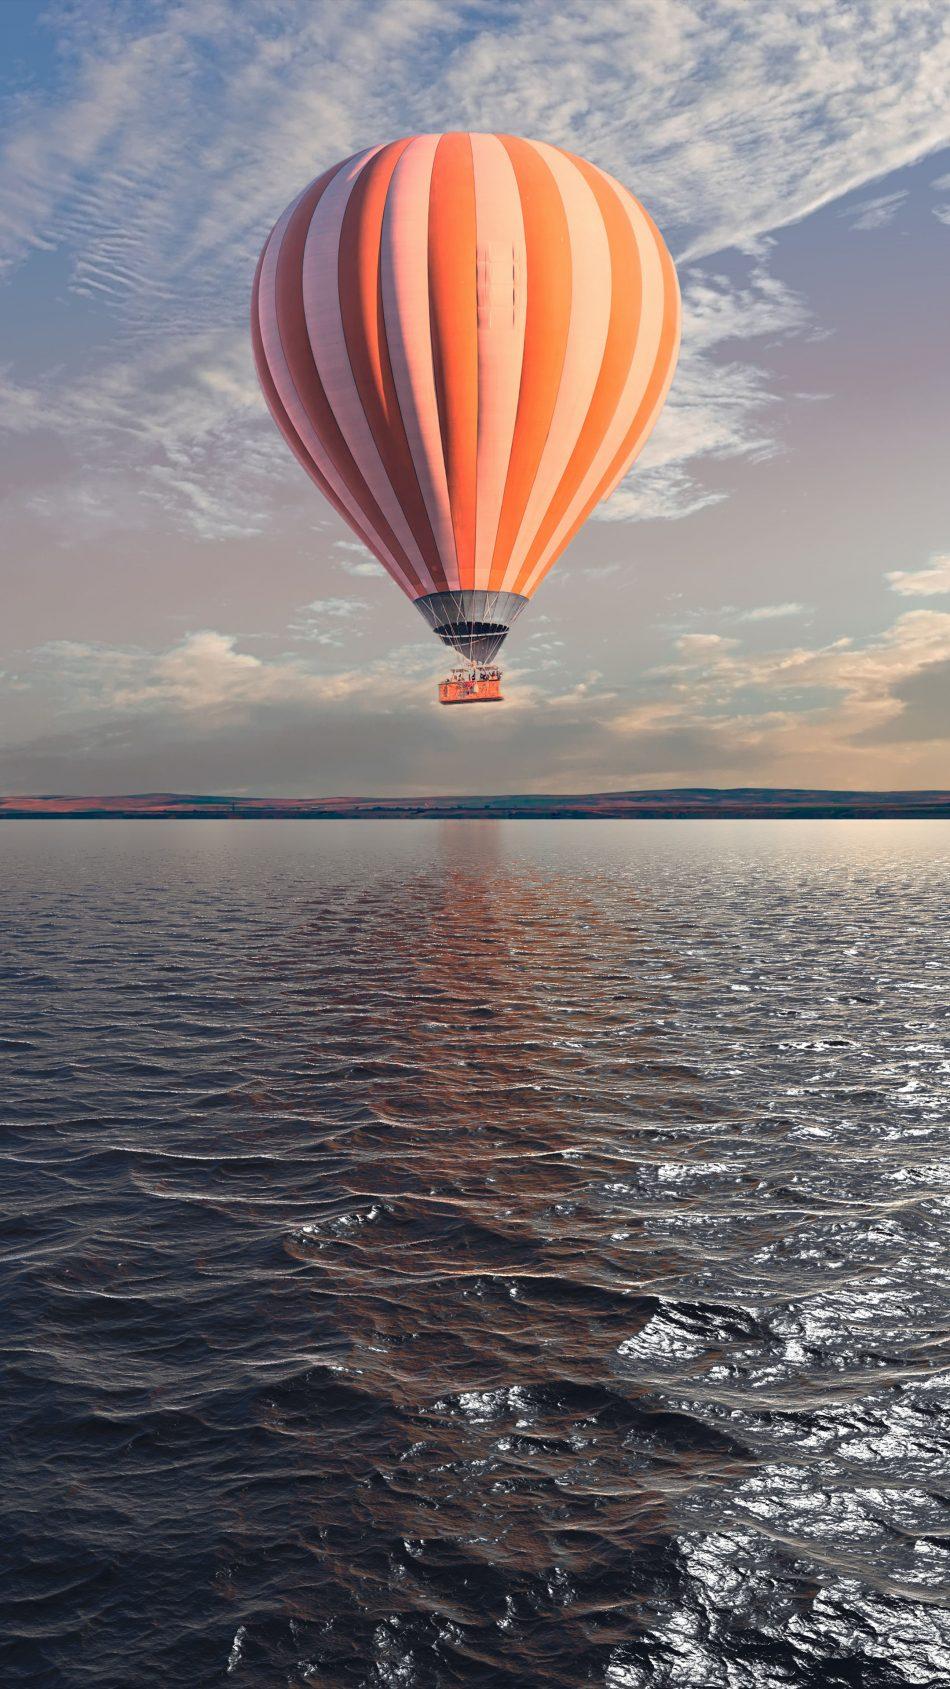 Hot Air Balloon Water River Sunset 4K Ultra HD Mobile Wallpaper